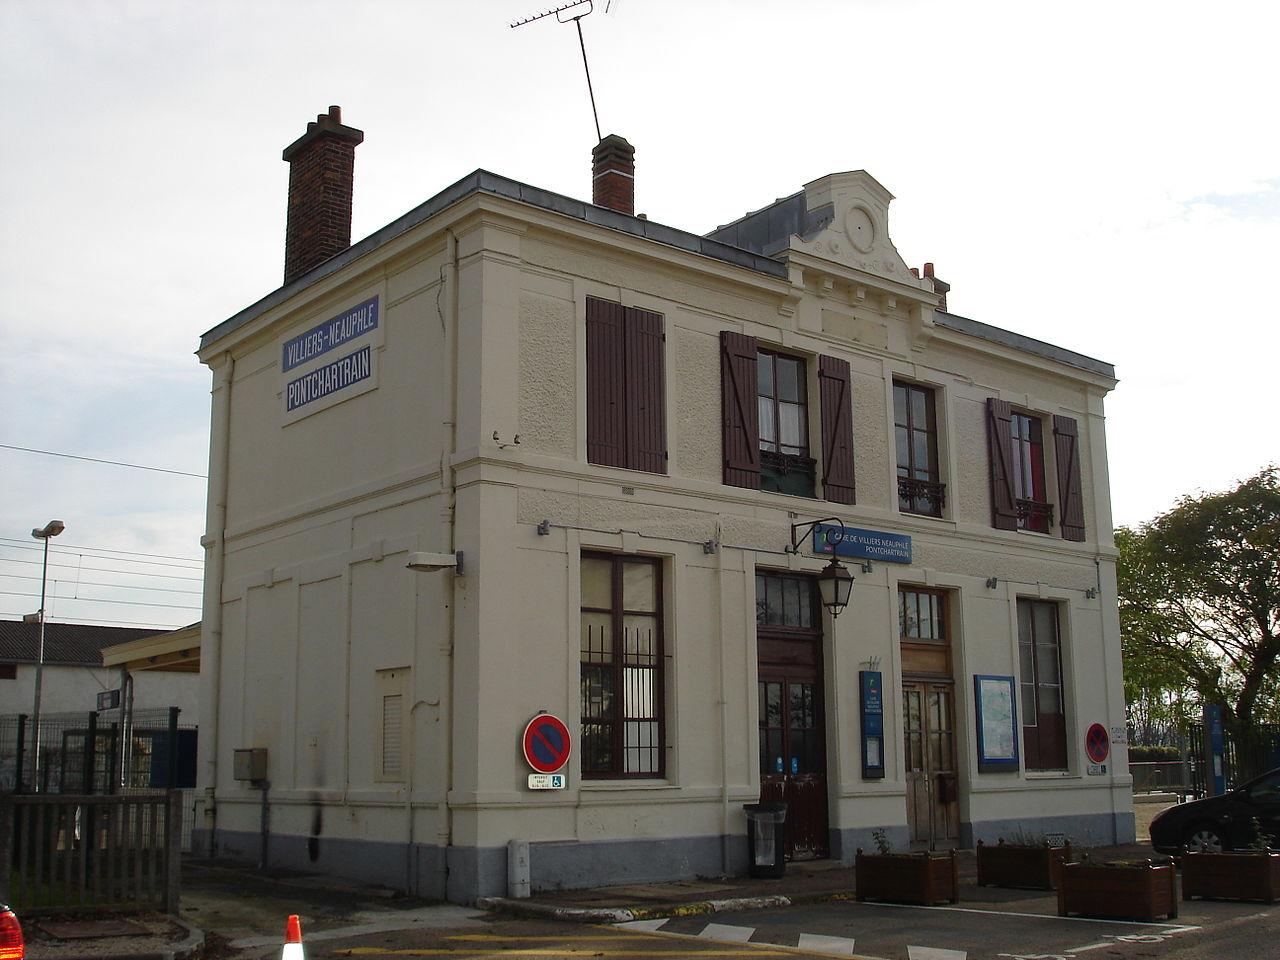 Villiers-Neauphle-Pontchartrain-train-station